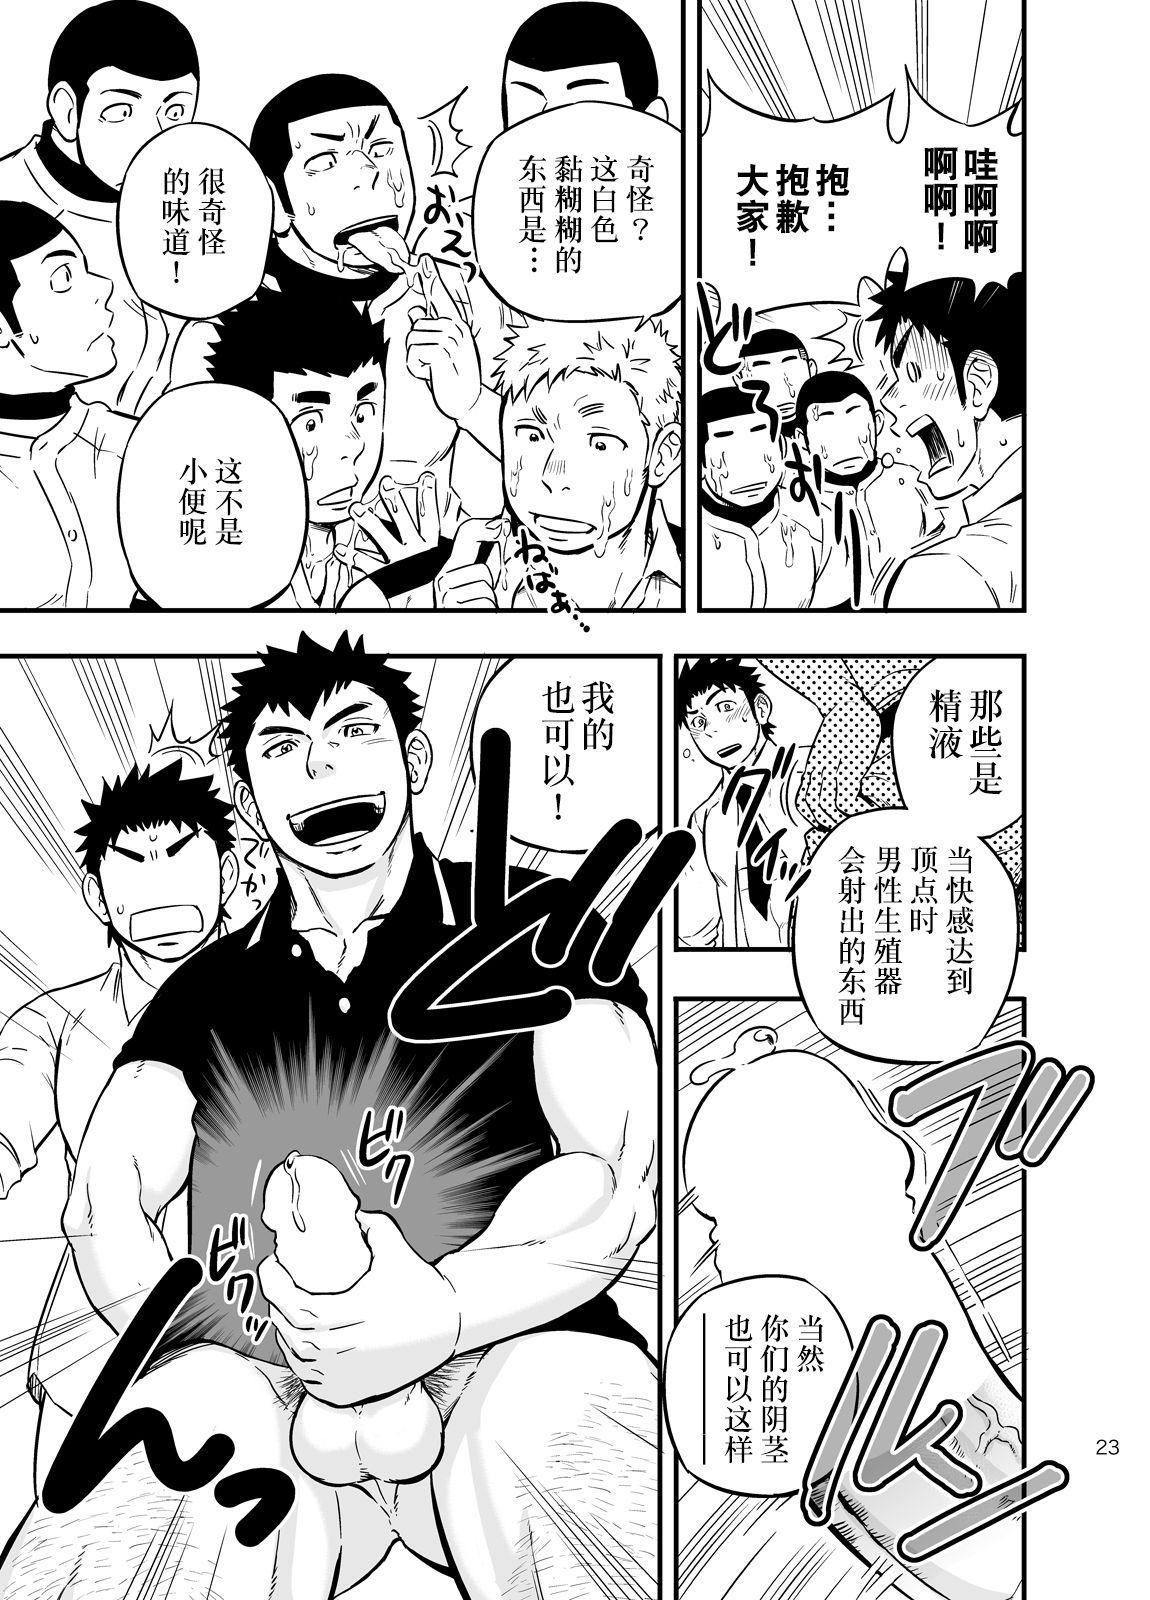 Moshimo Danshikou no Hoken Taiiku ga Jitsugi Ari Dattara 2 | 如果男校的保健体育课有实践环节的话 2 21